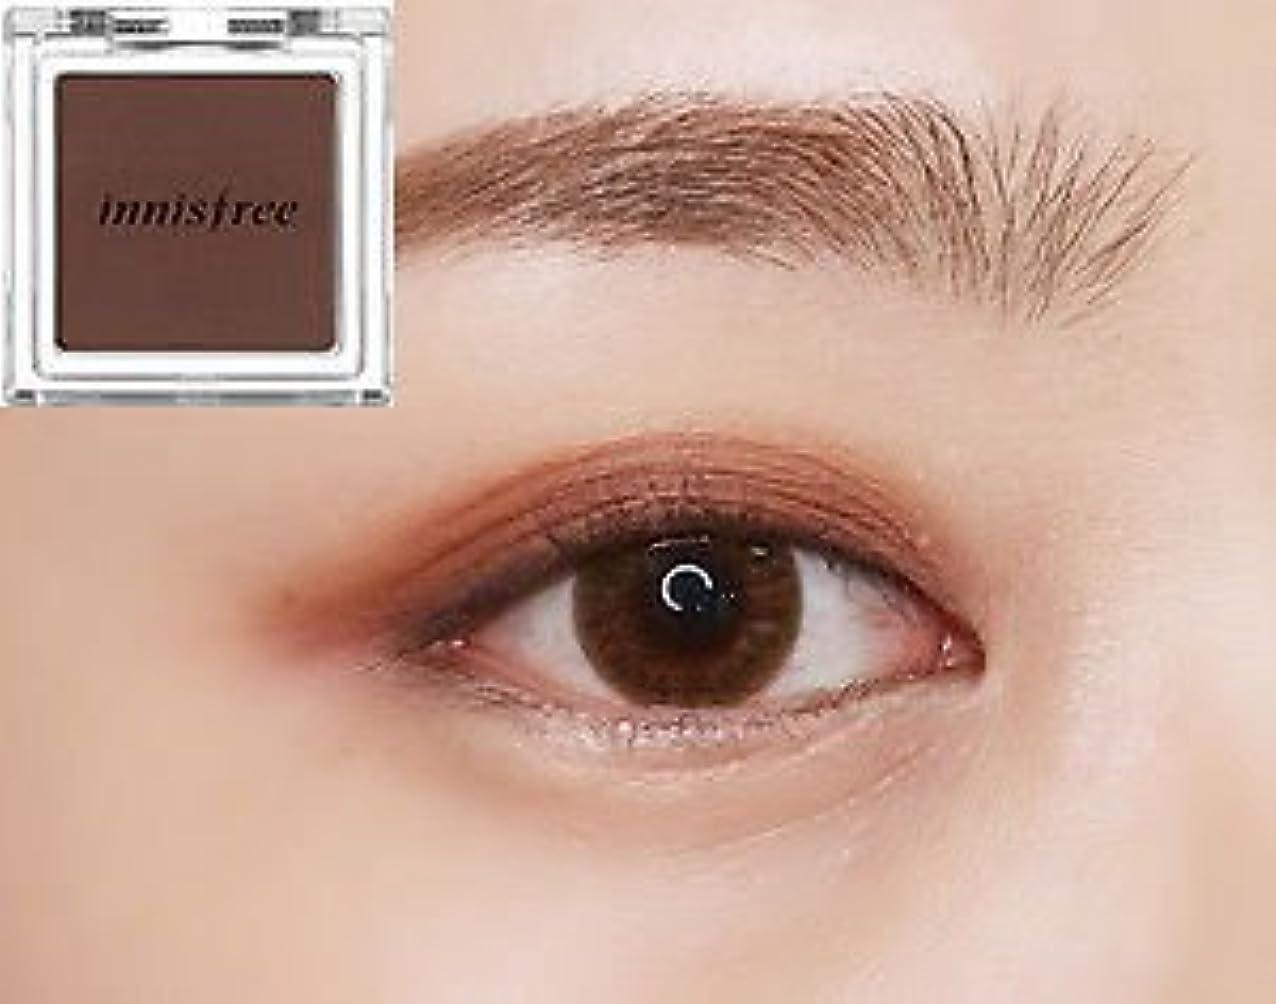 クローン隠思われる[イニスフリー] innisfree [マイ パレット マイ アイシャドウ (マット) 40カラー] MY PALETTE My Eyeshadow (Matte) 40 Shades [海外直送品] (マット #15)